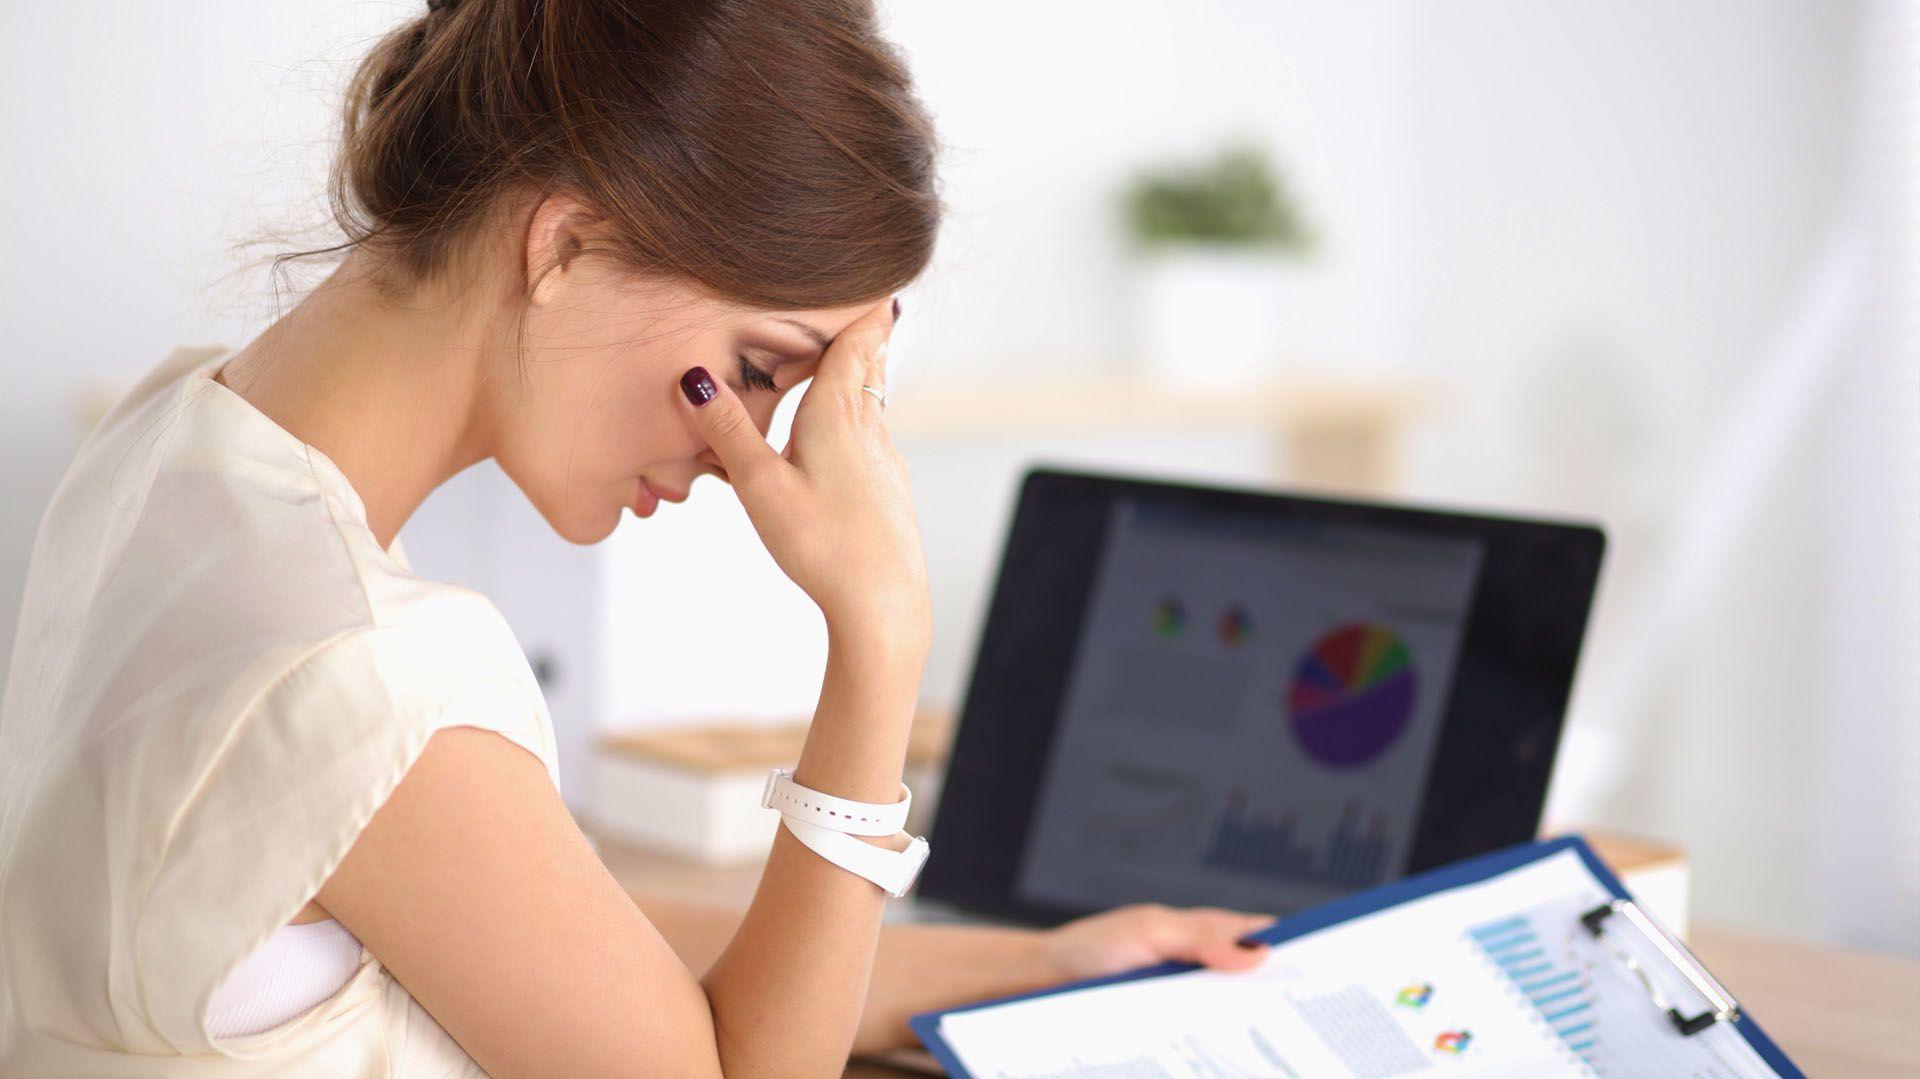 Otro de los síntomas más frecuentes es la falta de concentración (Shutterstock)